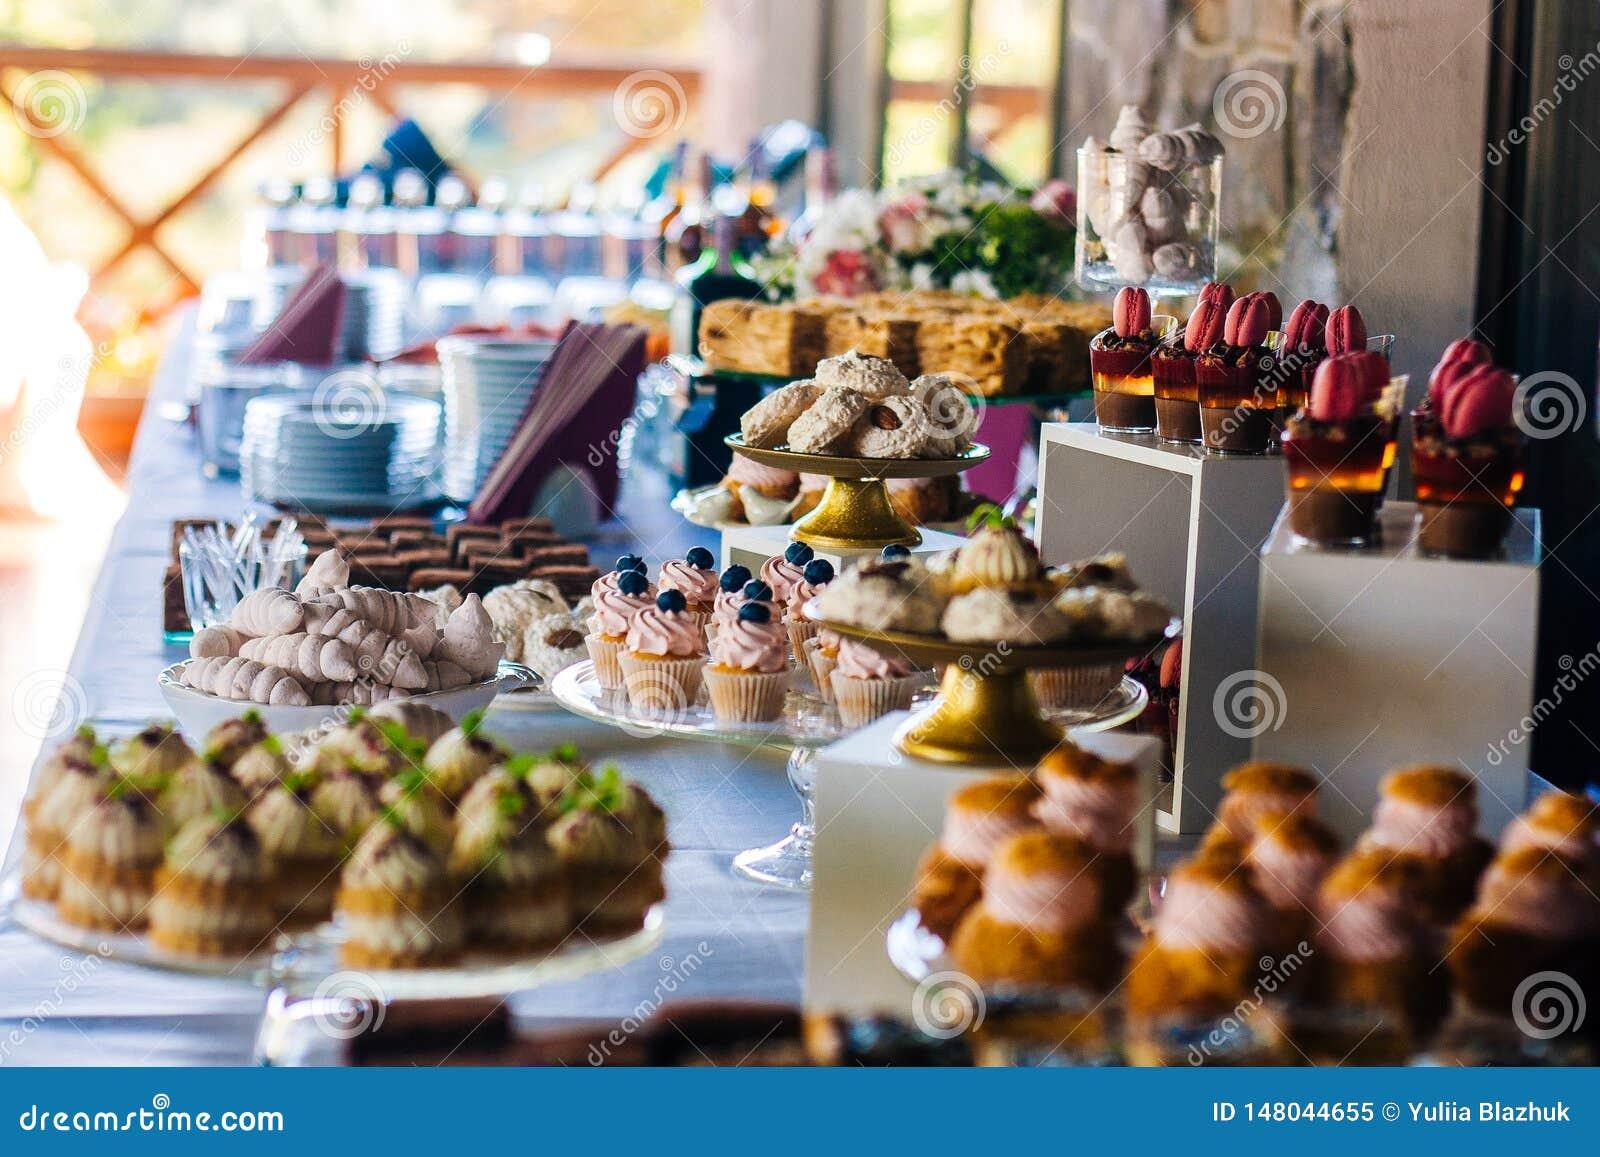 Friandise Tableau avec différents gâteaux, sucreries et desserts pour la partie